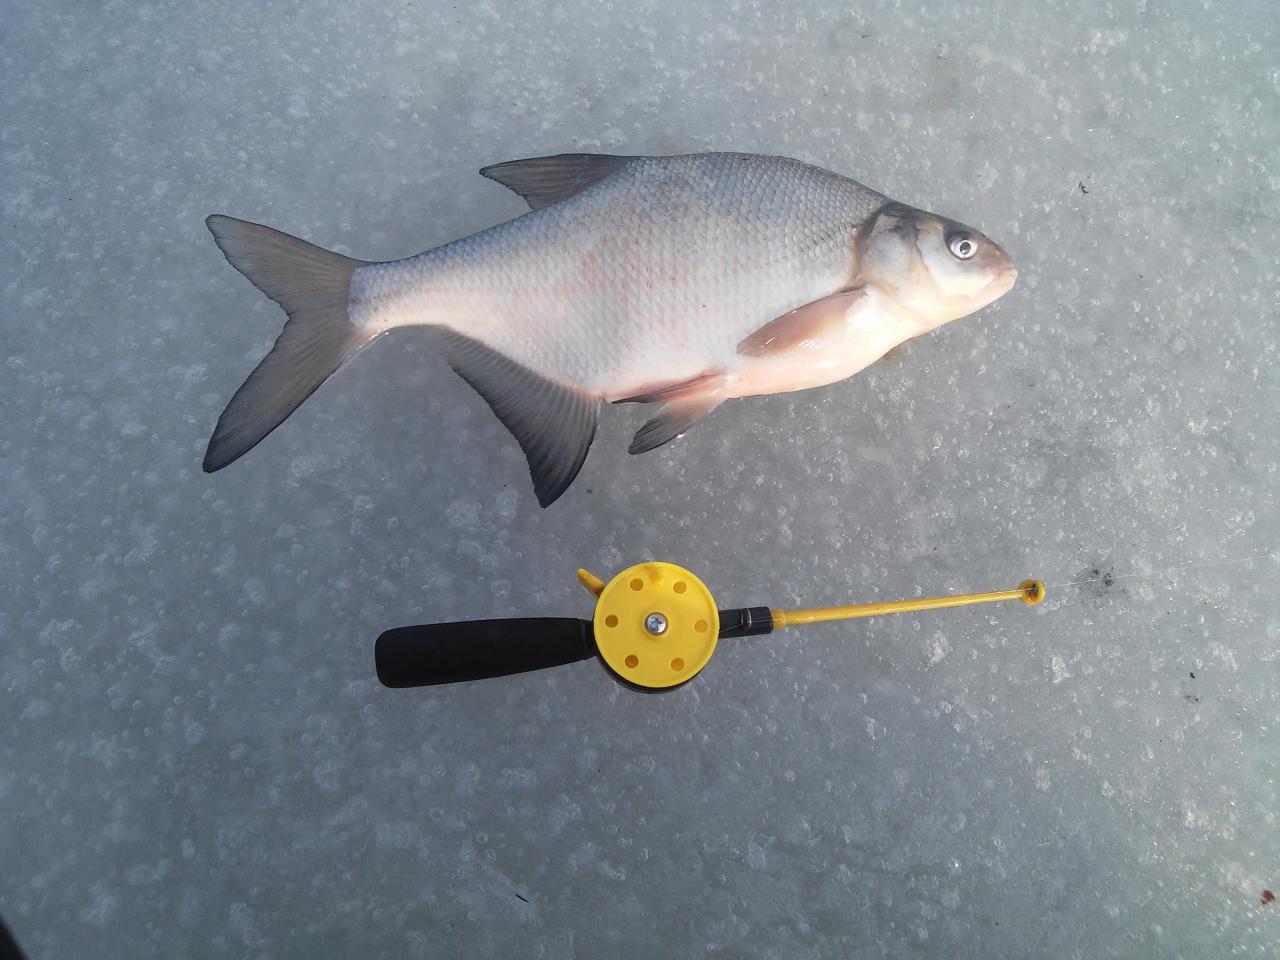 День на рыбалке 7 марта. Больший на 0,7кг ... | Отчеты о рыбалке в Беларуси